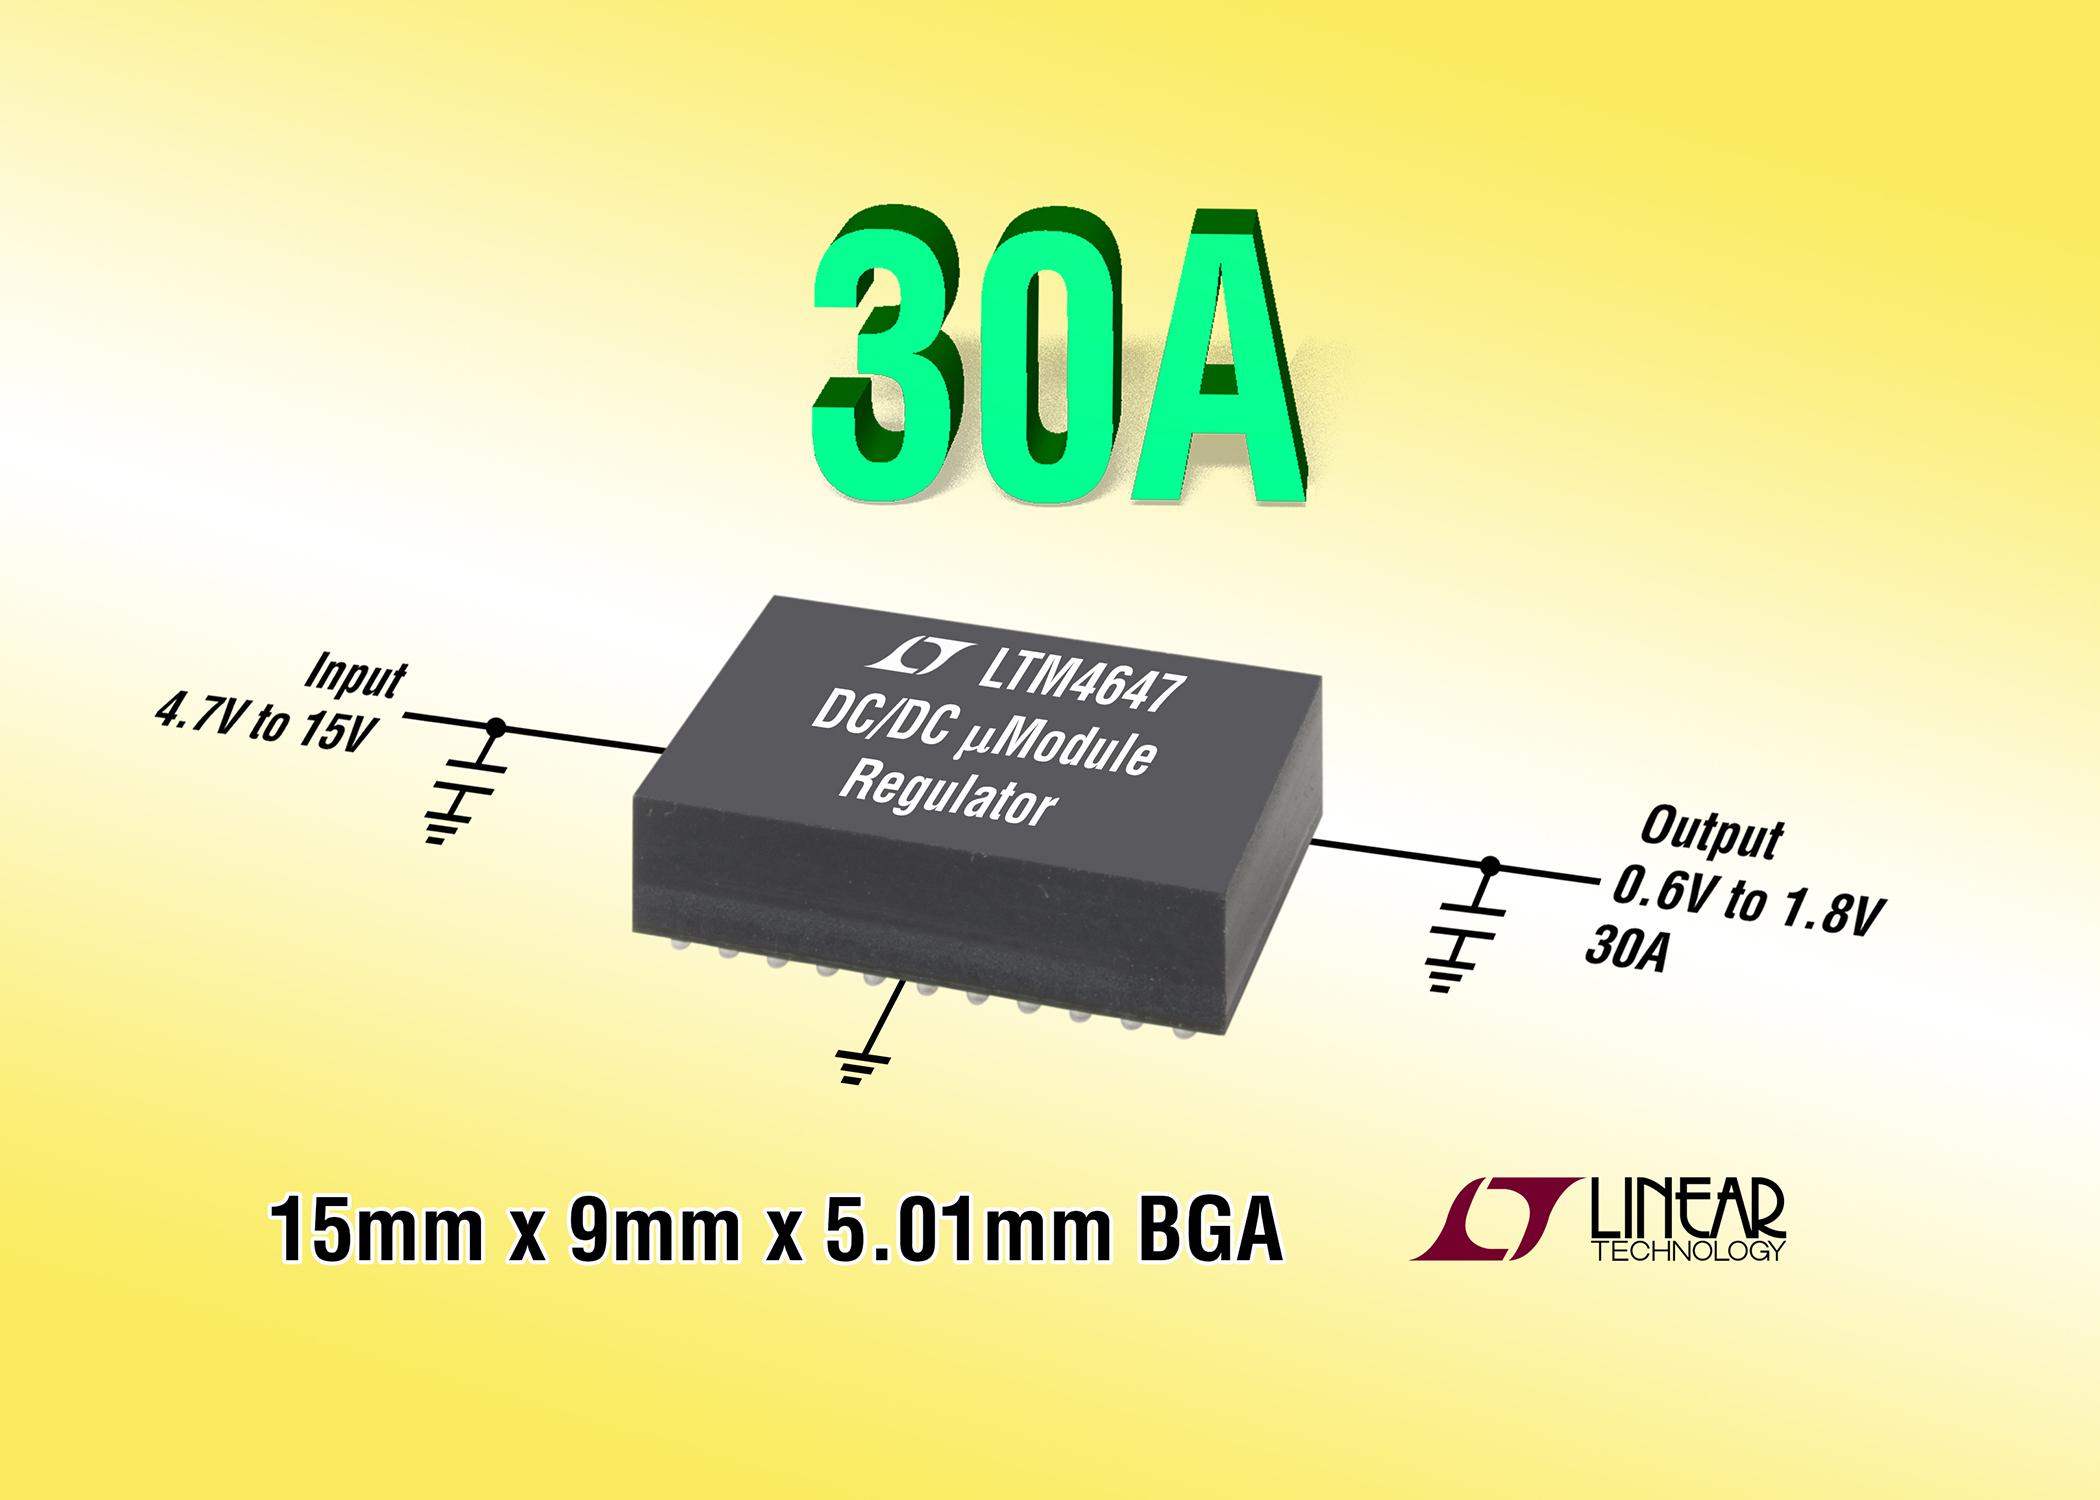 采用9mm x 15mm BGA 封装的 30A、可扩展至 180A 的 µModule 稳压器